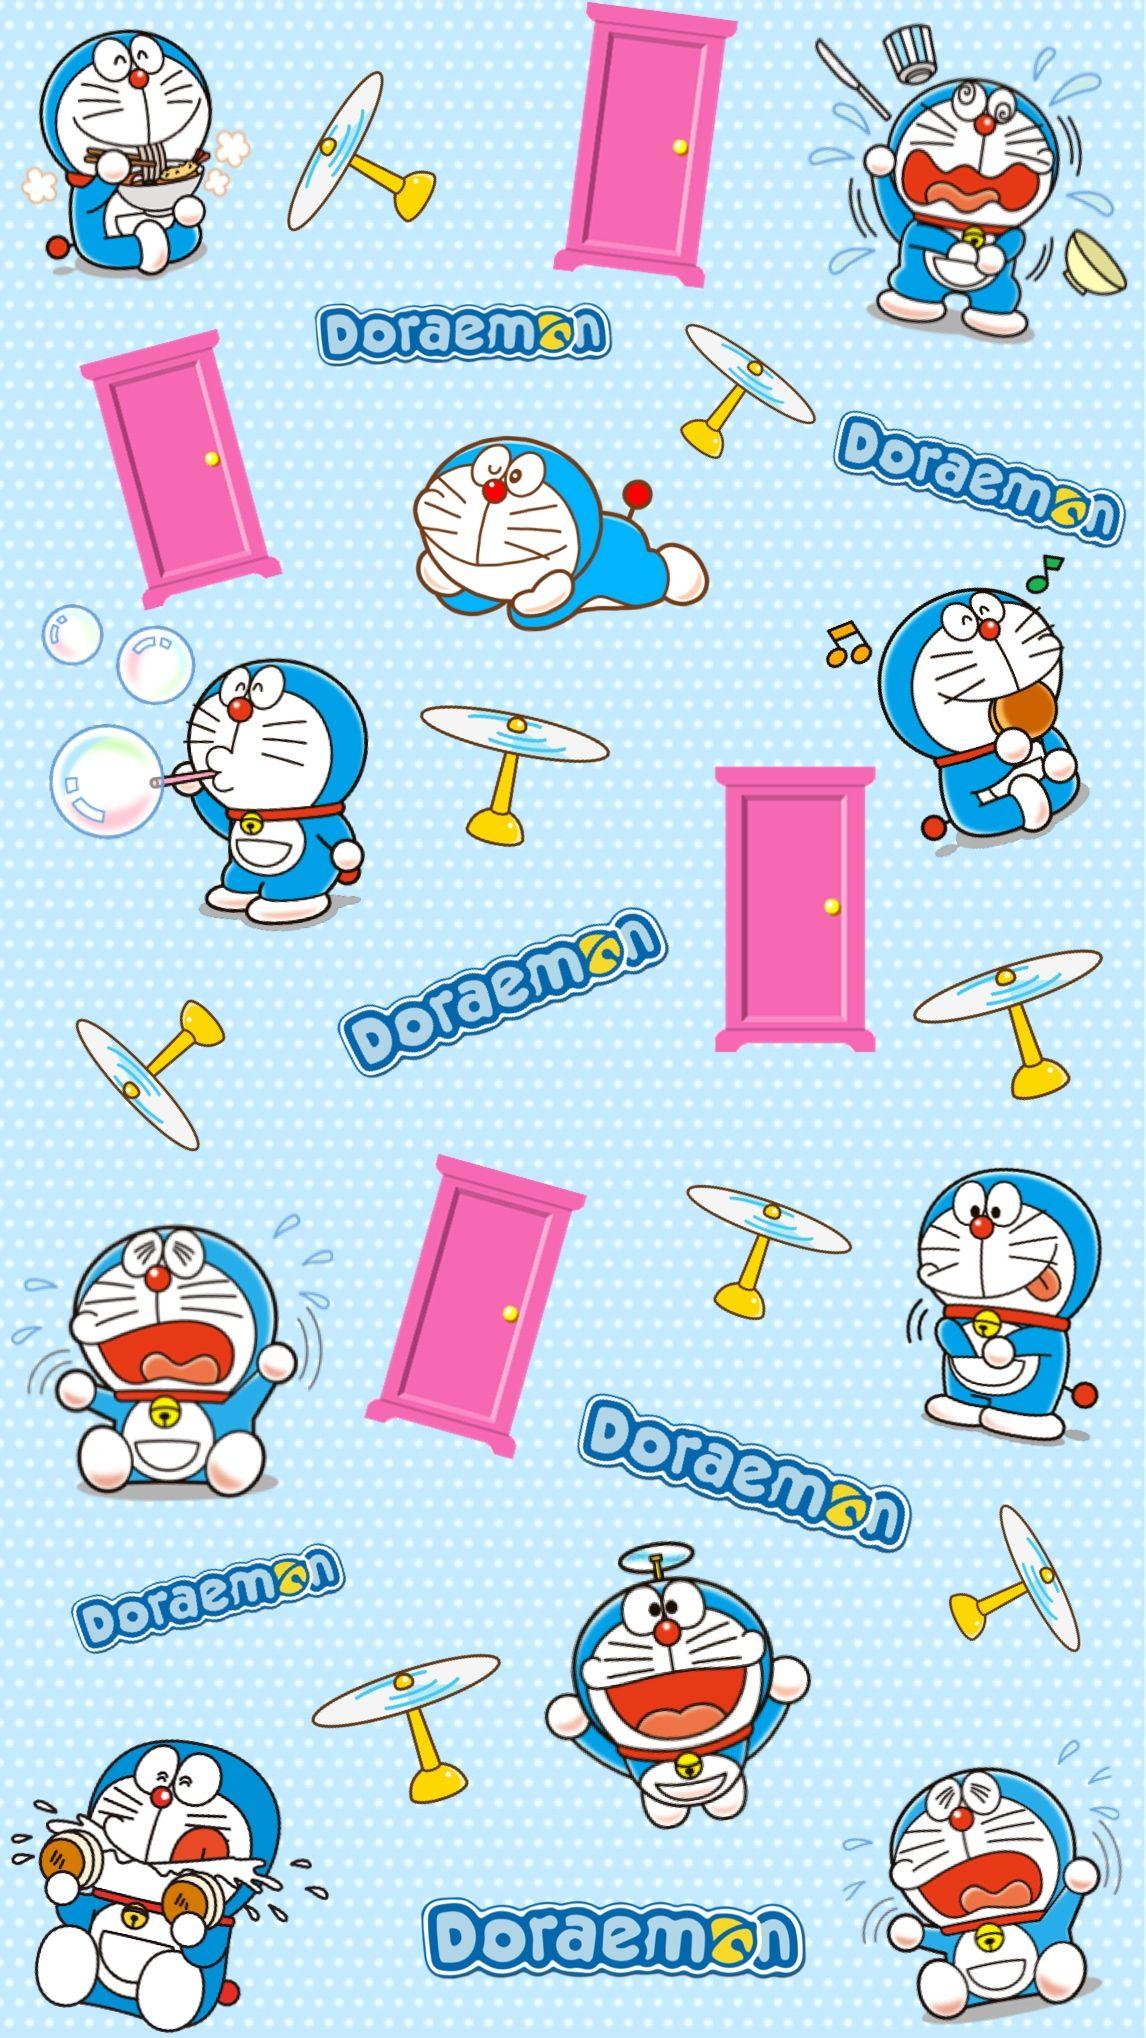 33+ Whatsapp Wallpaper Gambar Doraemon Terbaru PNG